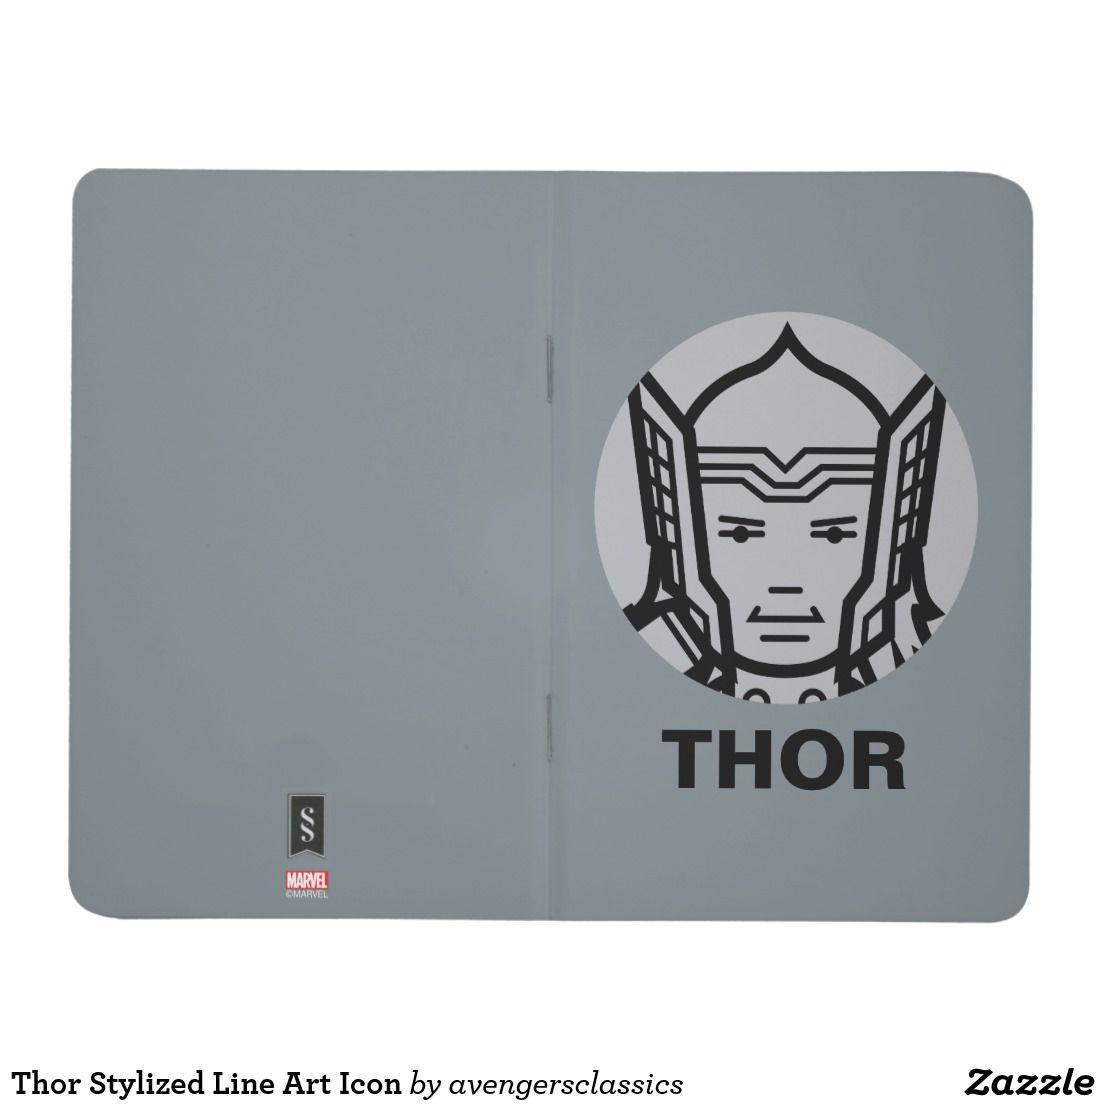 Thor Stylized Line Art Icon